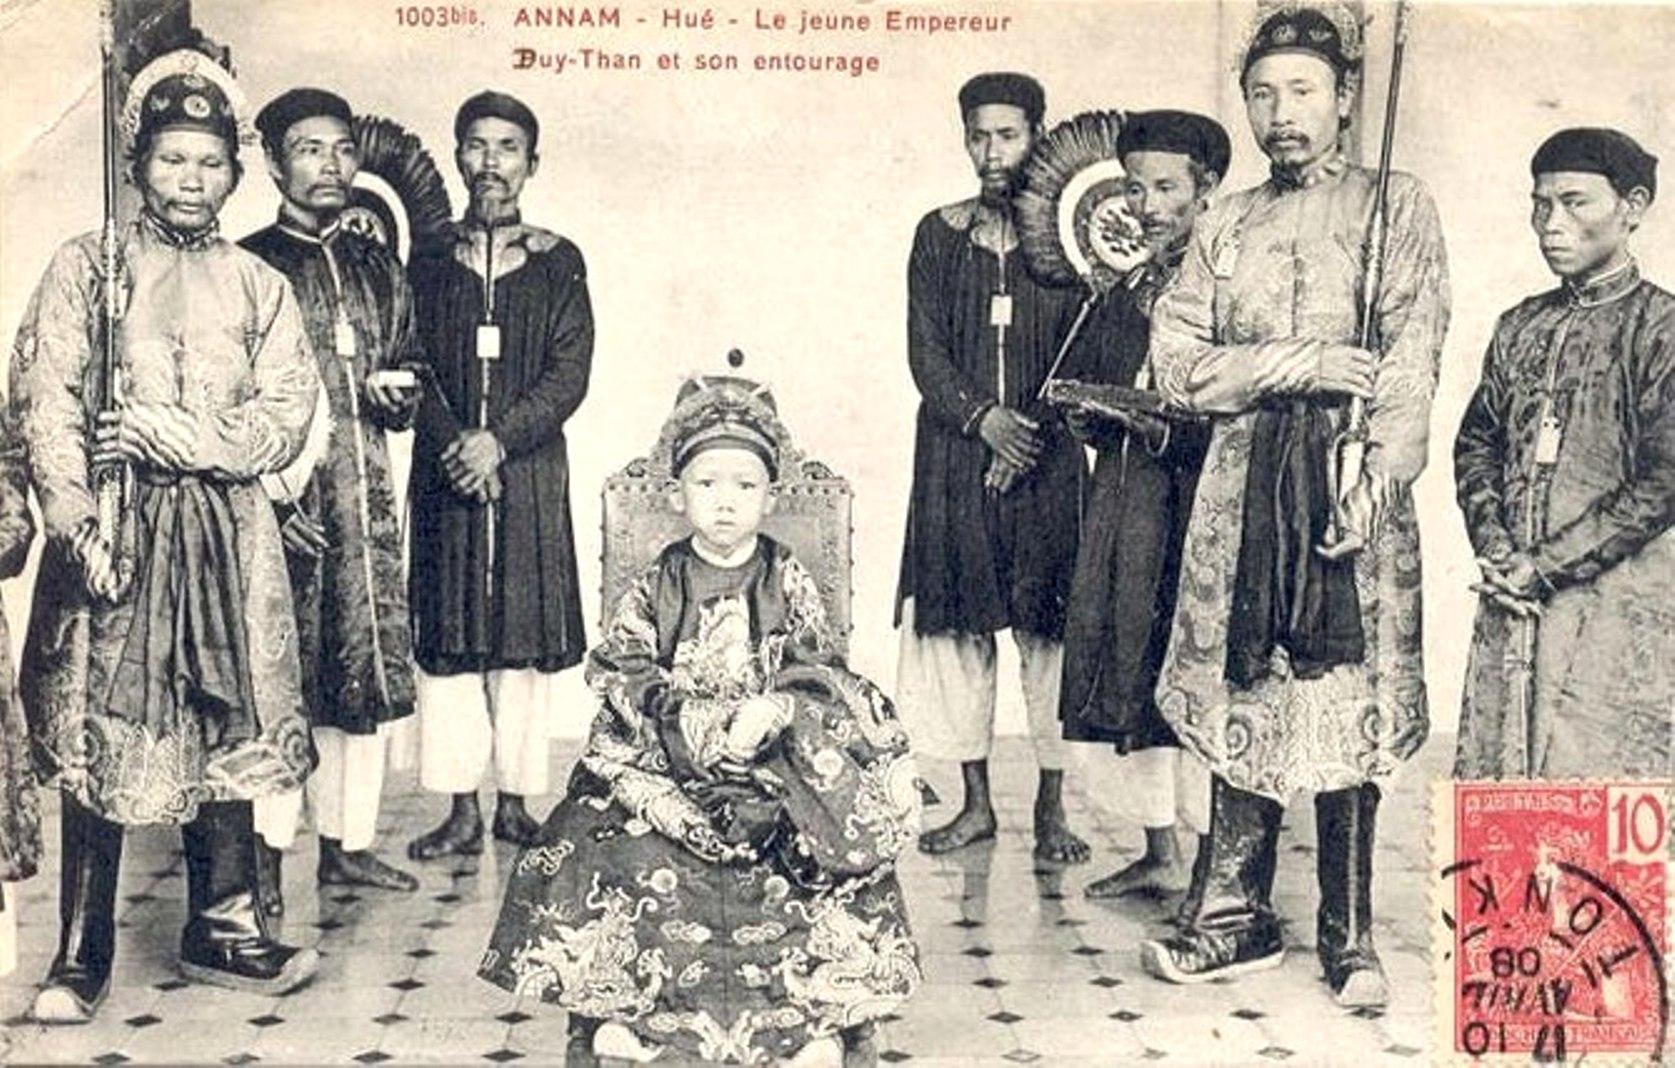 Những năm tháng lưu đày và cái chết của cựu hoàng Duy Tân - Ảnh 1